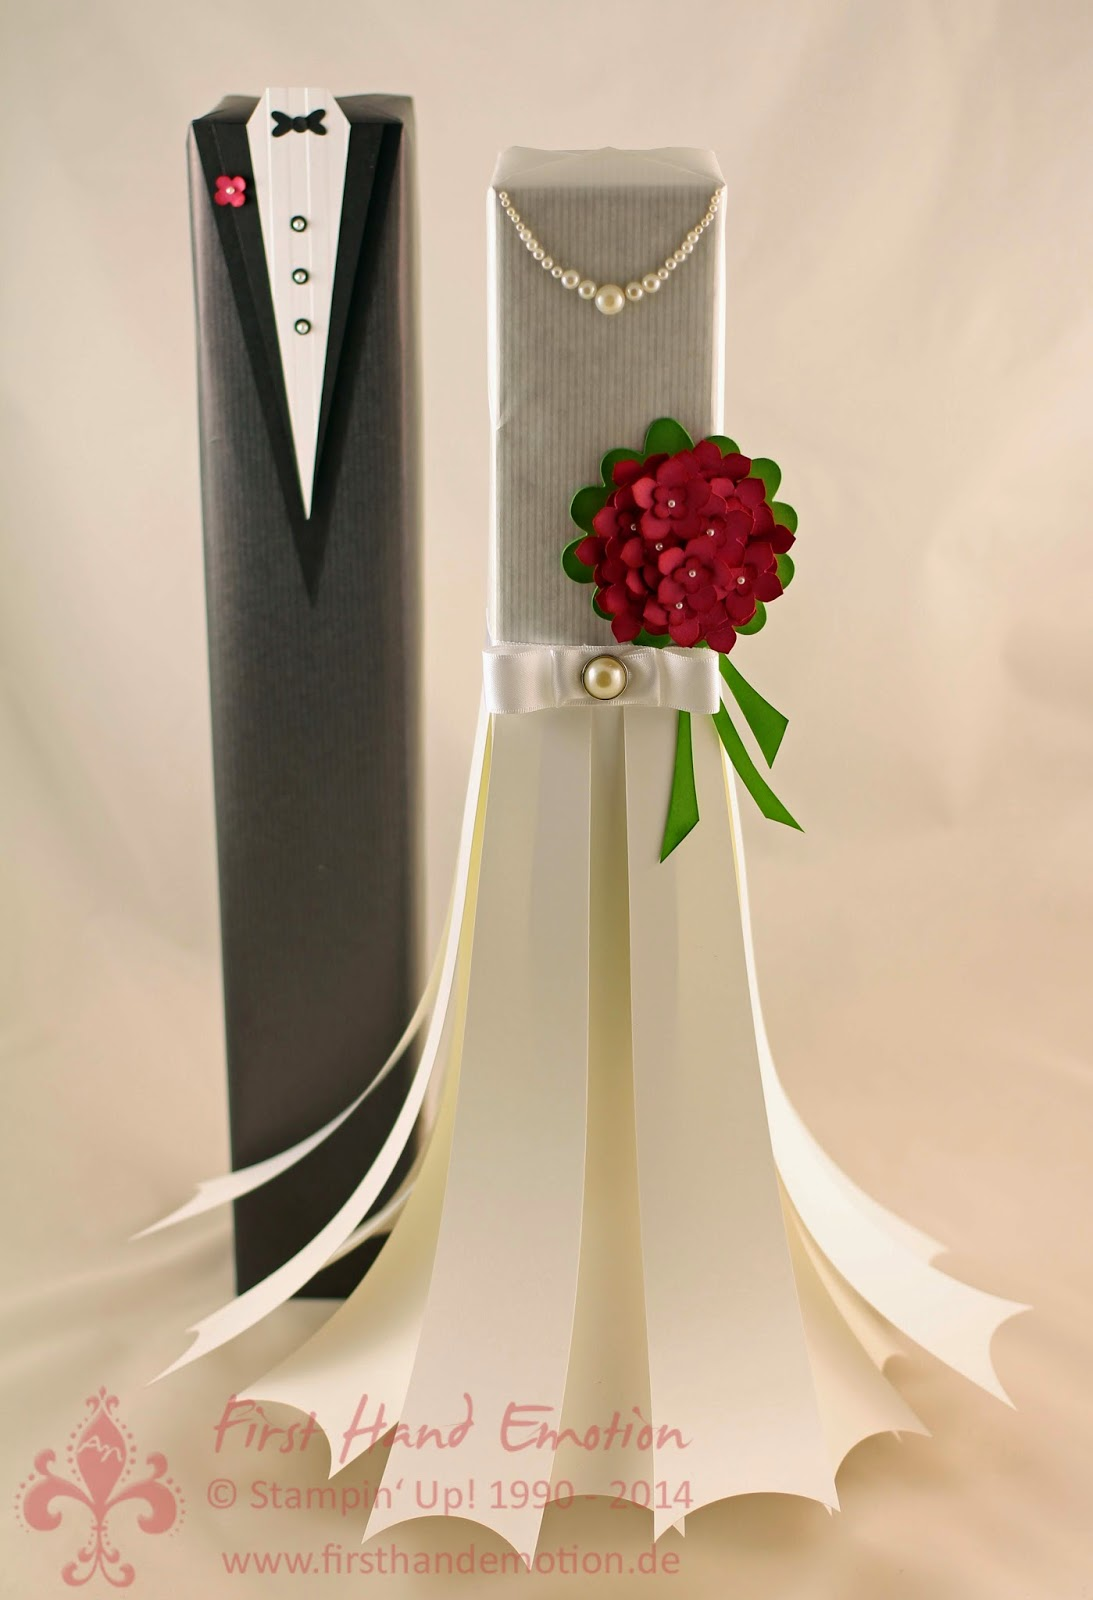 First Hand Emotion Braut und Brutigam Verpackung mit